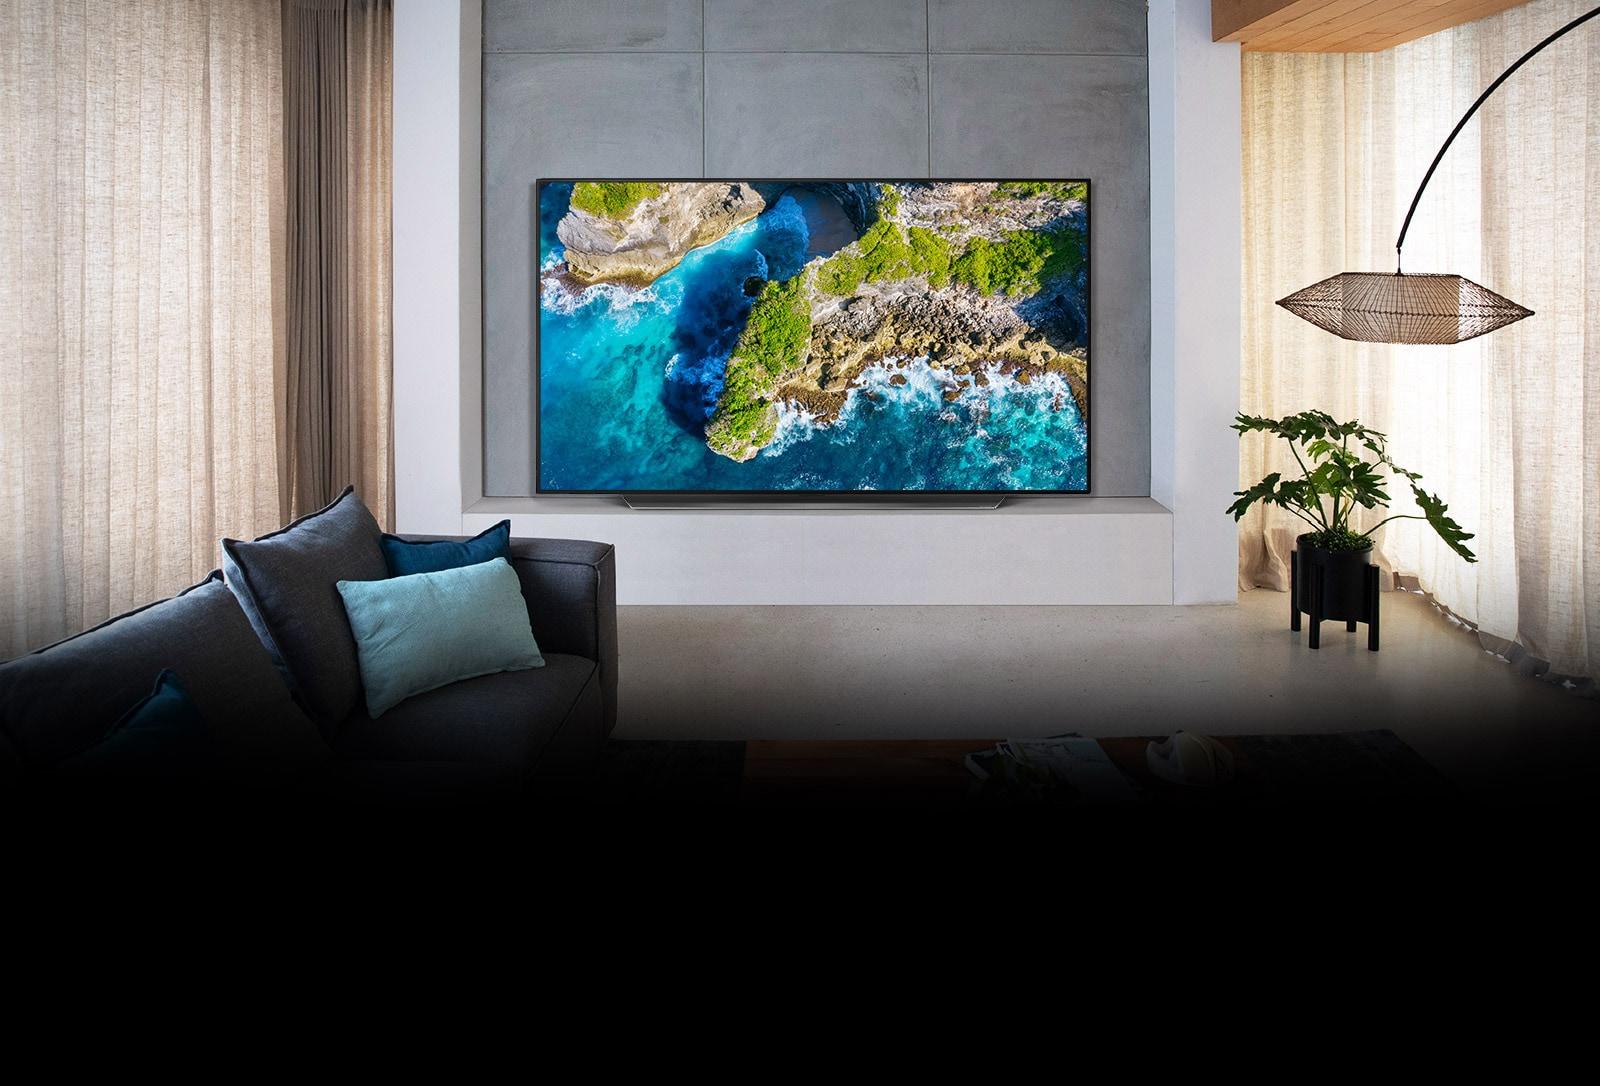 TV vluxusní rezidenci zobrazující letecký pohled na přírodu